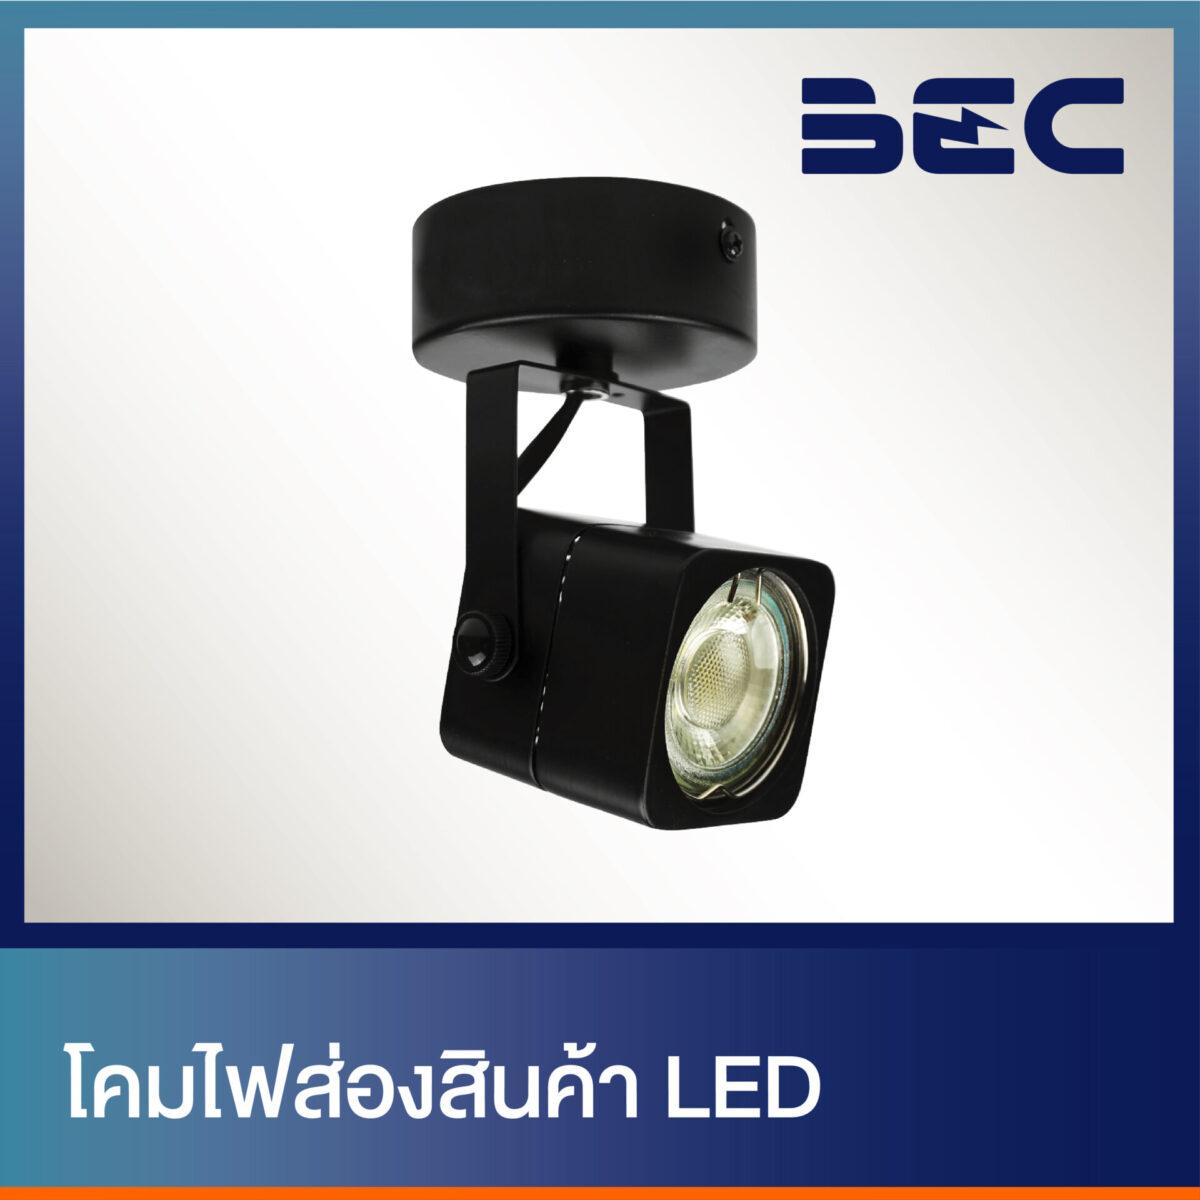 โคมไฟส่องสินค้า LED รุ่น Galactic-S